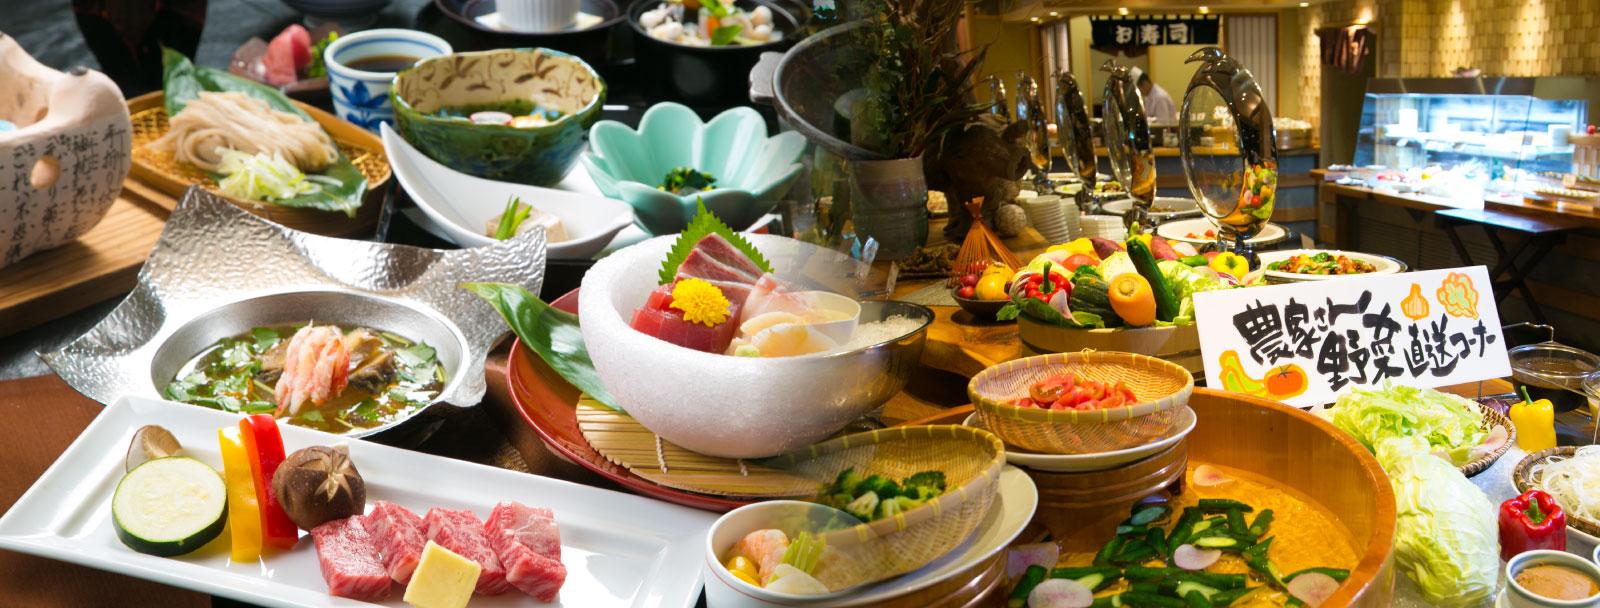 会津の風土が育んだ ふるさとの美味